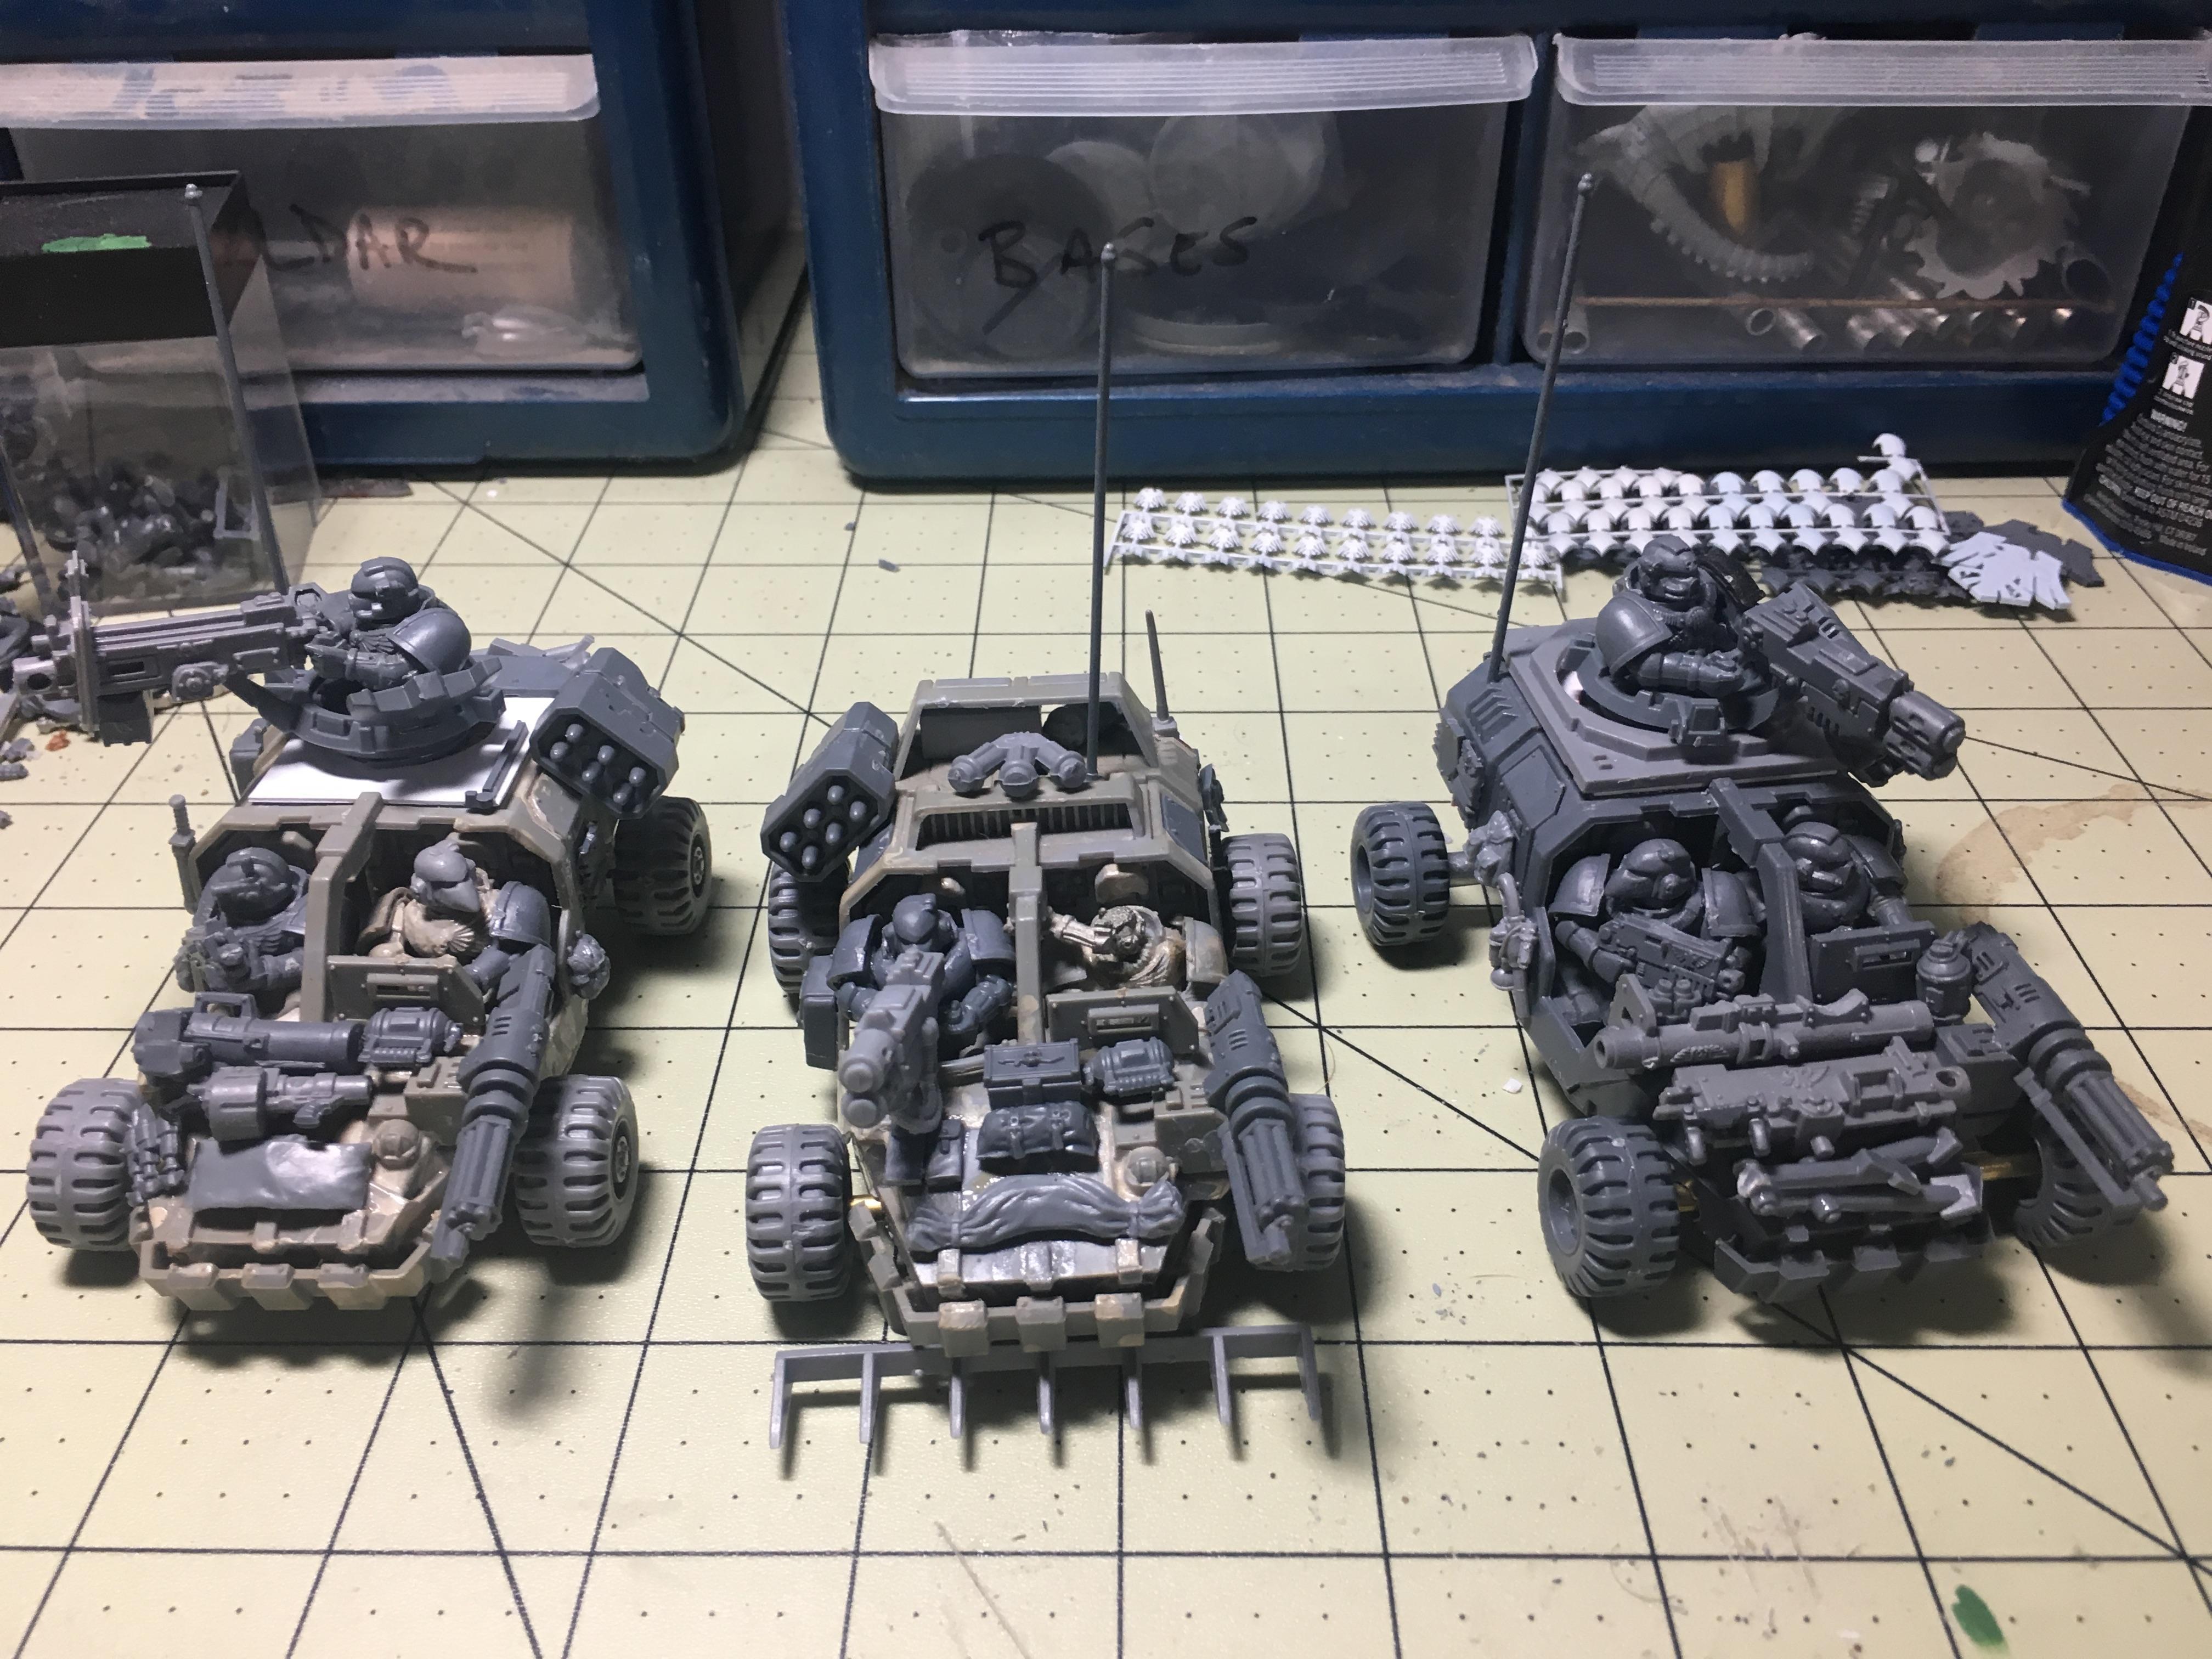 Jeep, Land Runner, Land Speeder, Space Marines